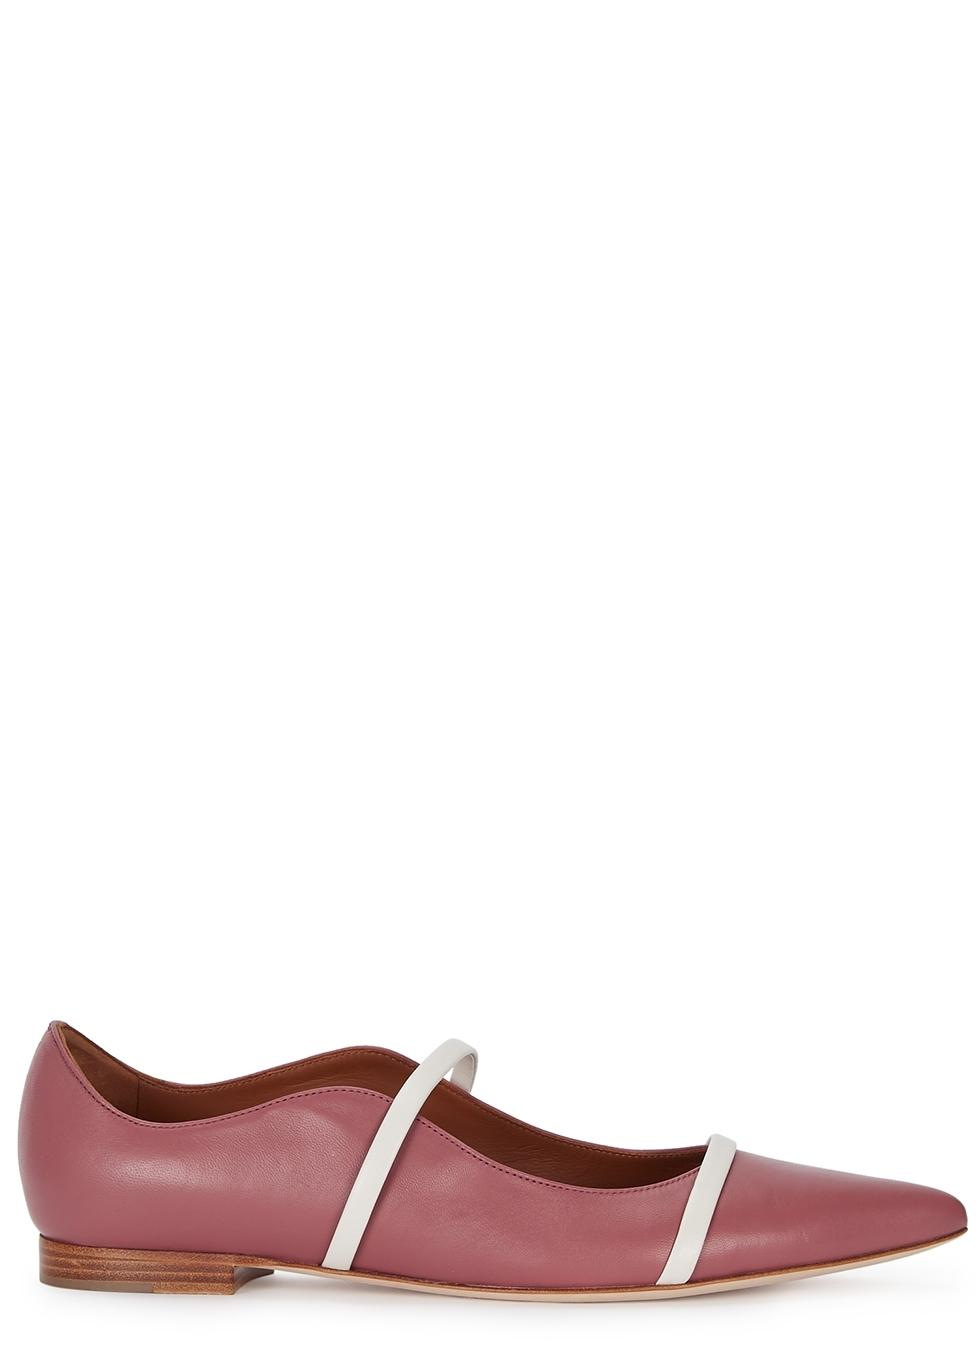 7ba8e6295ed Women's Designer Shoes - Ladies Shoes - Harvey Nichols